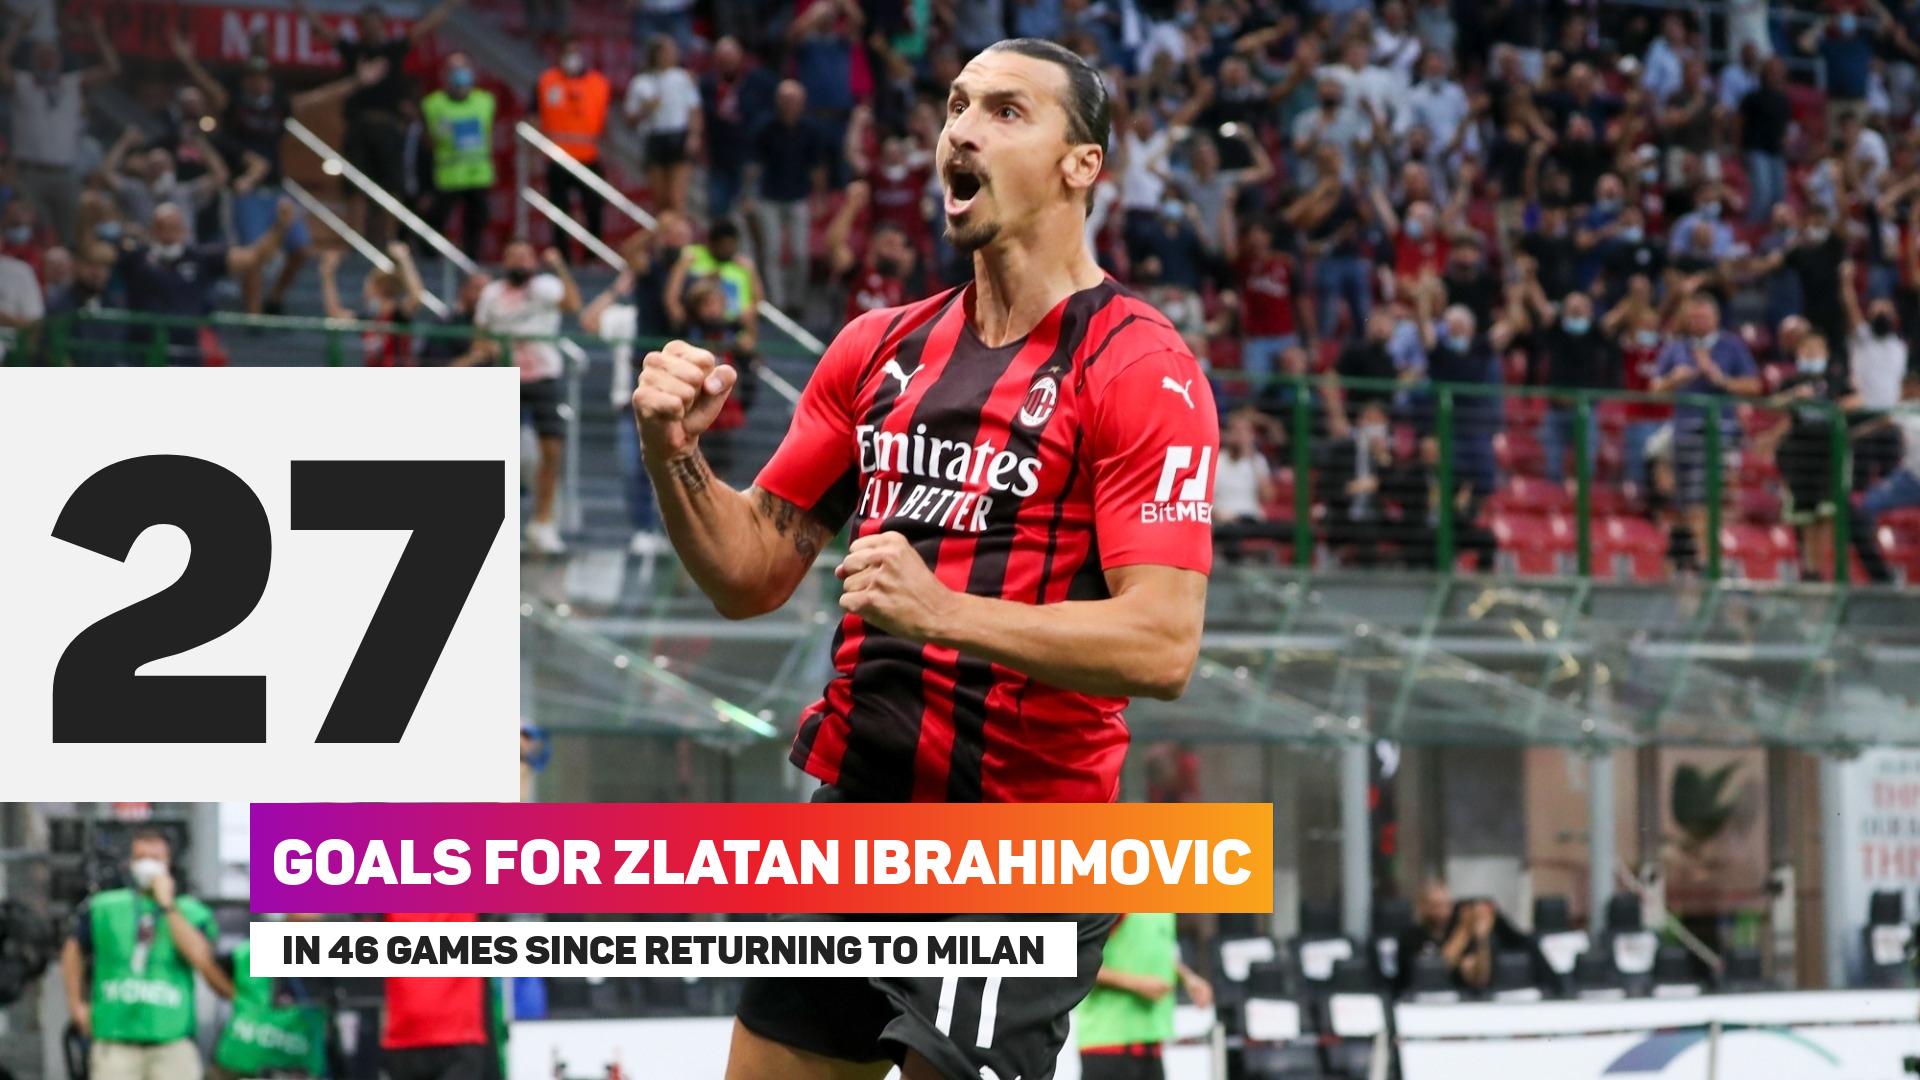 Zlatan Ibrahimovic has 27 goals in 46 games since returning to Milan